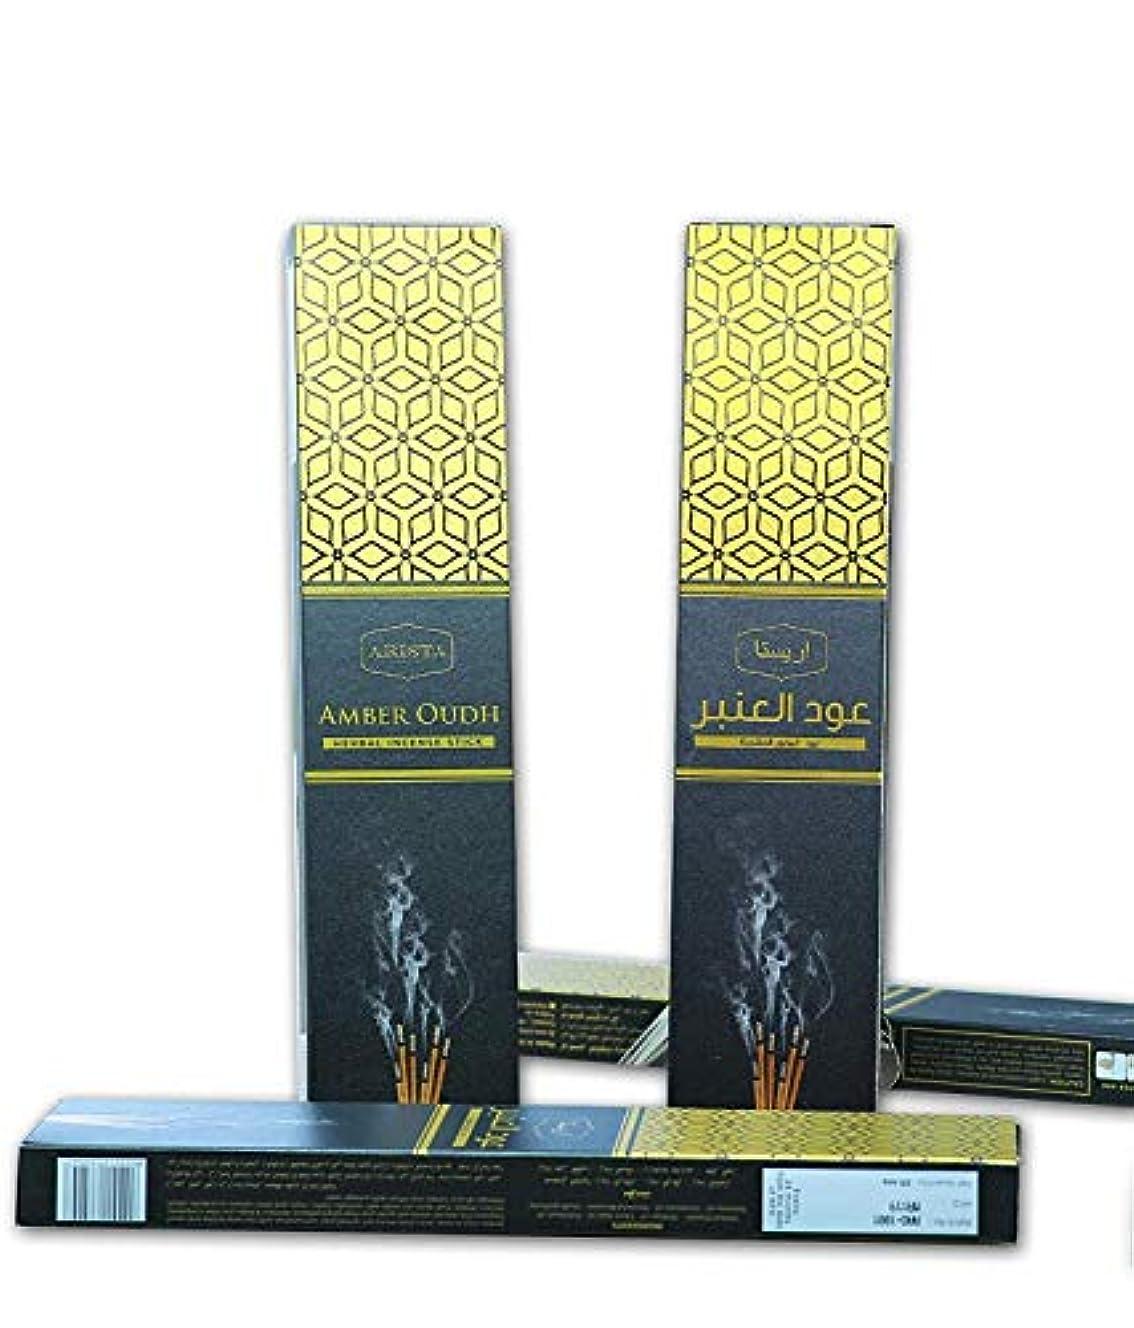 腸生産的実装するARISTA Amber OUDH INCENCE Sticks Pack of 2